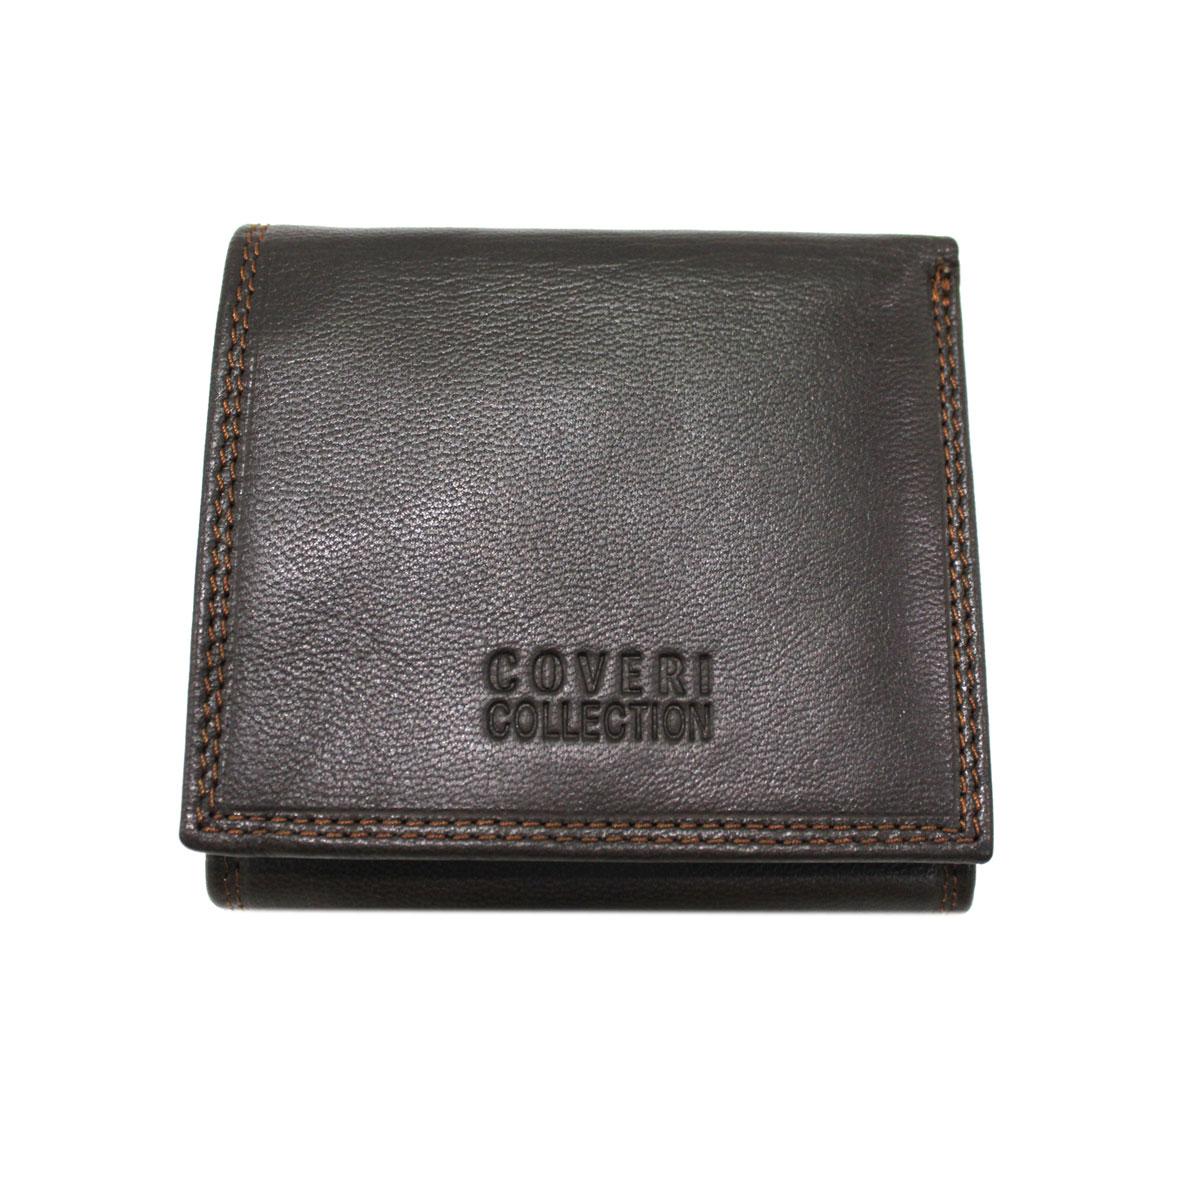 a8ffdd3773 Portafoglio uomo pelle modello piccolo portamonete Coveri Collection  304-146 brw